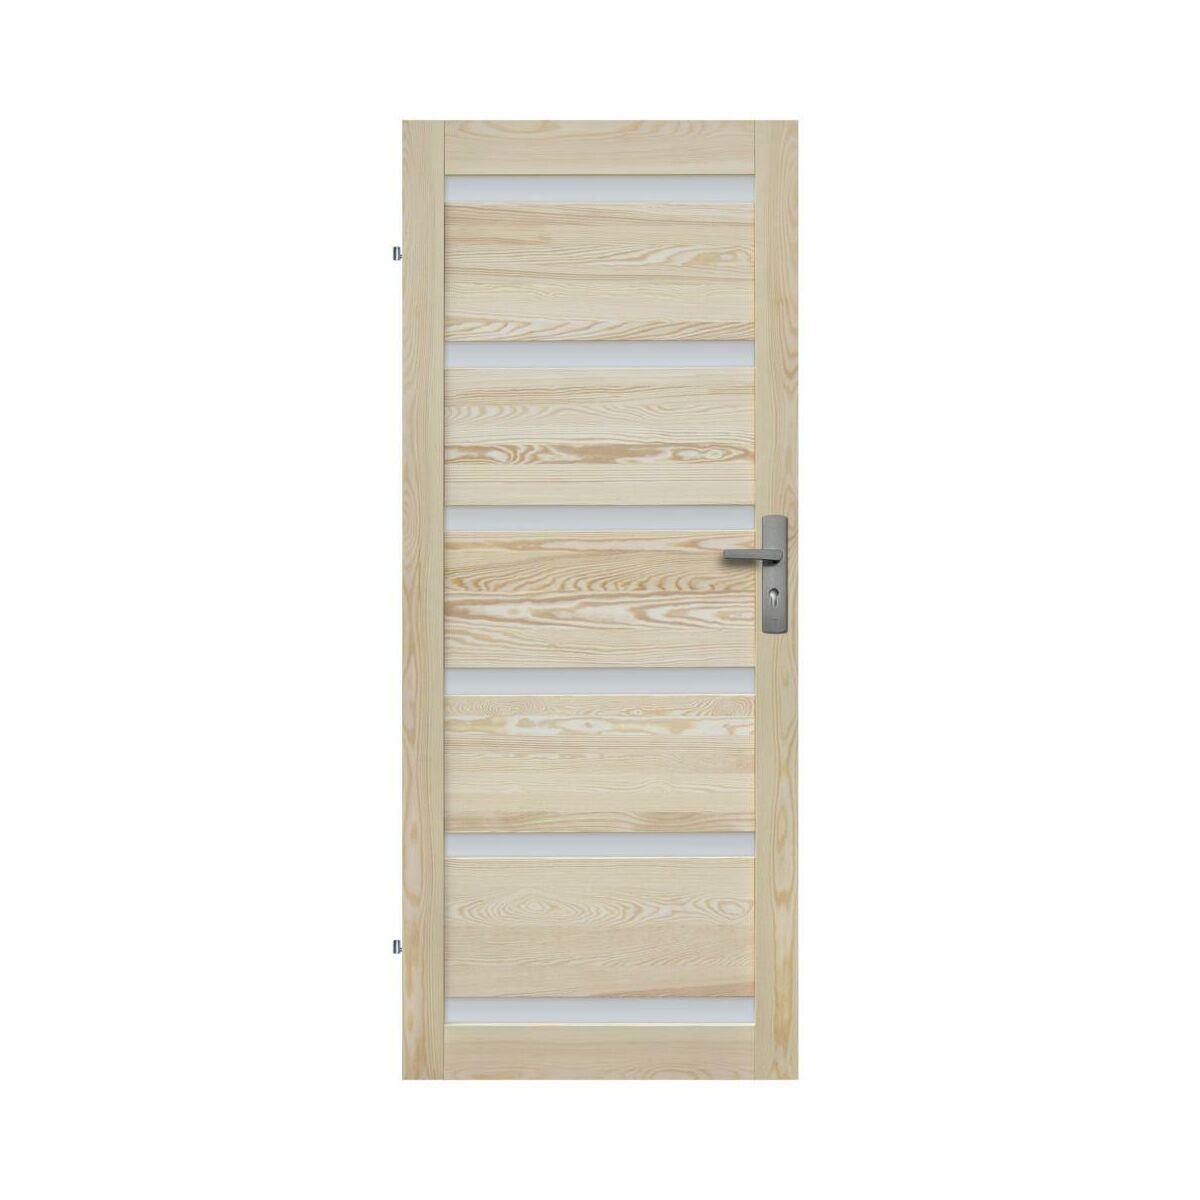 Skrzydlo Drzwiowe Drewniane Pokojowe Genewa 80 Lewe Radex Drzwi Wewnetrzne Drewniane W Atrakcyjnej Cenie W Sklepach Leroy Merlin